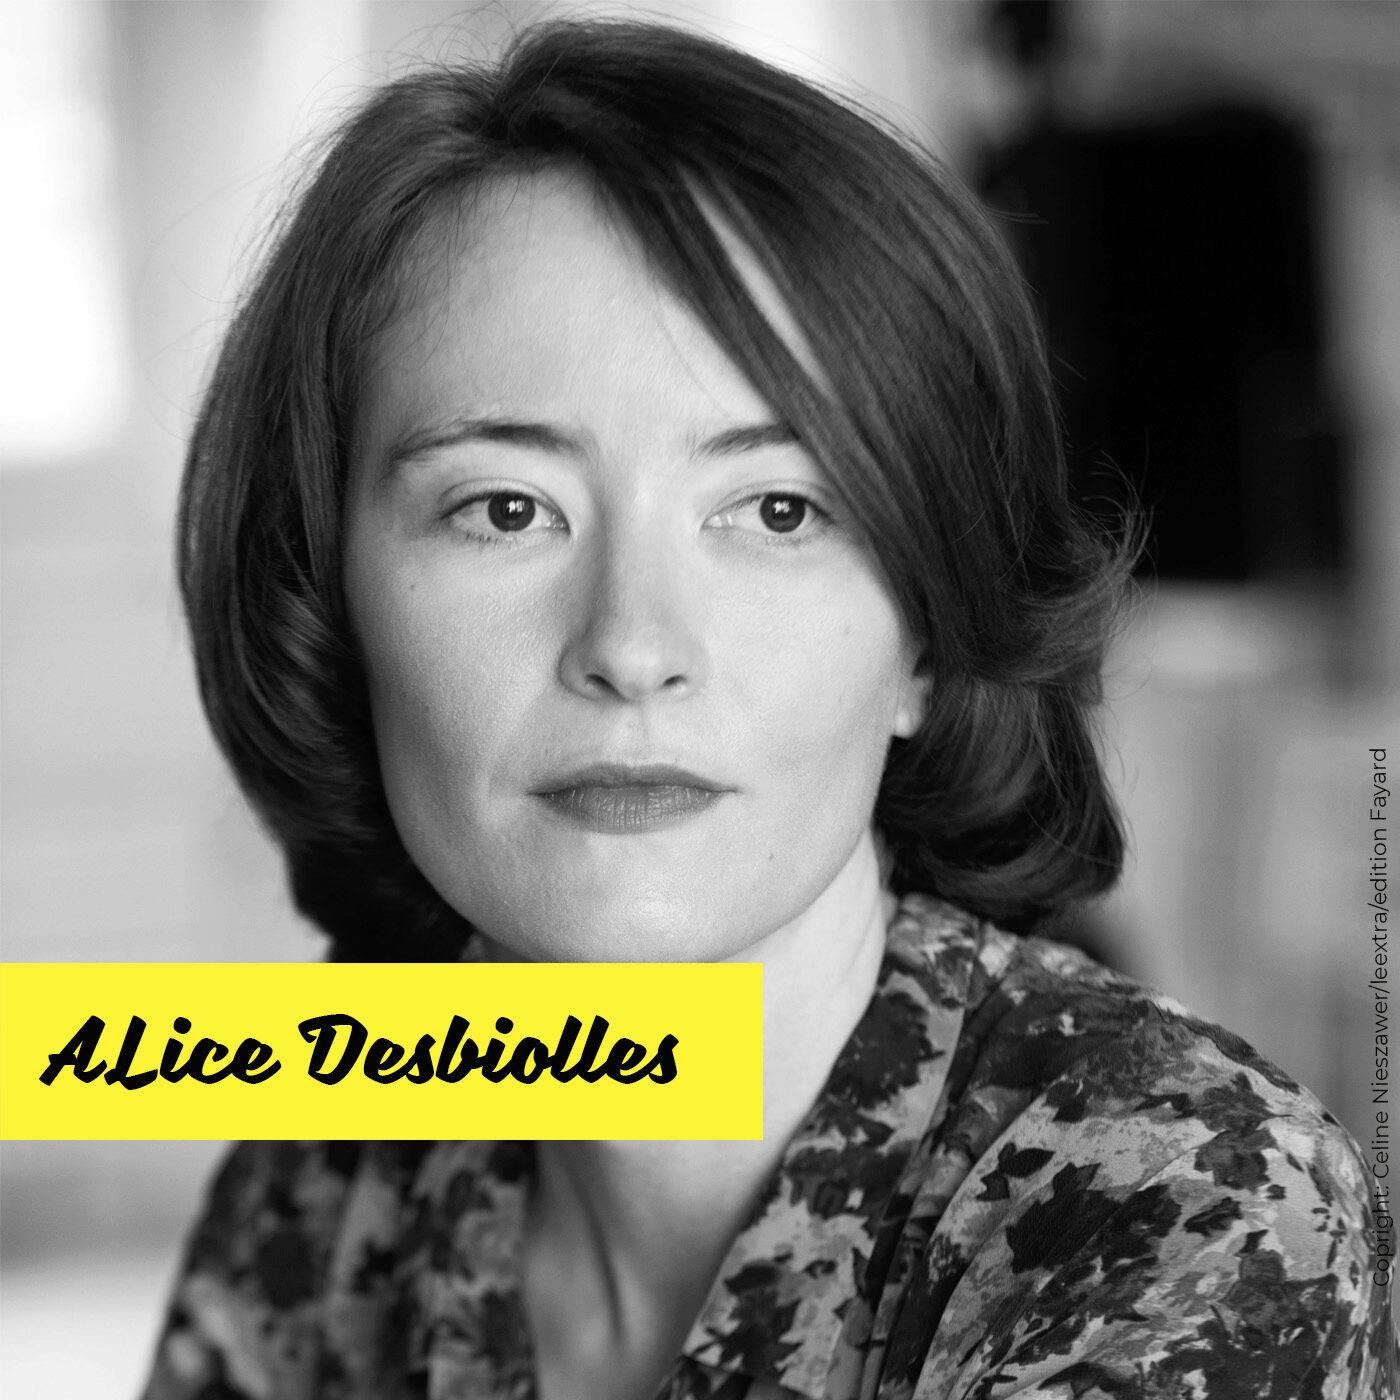 #167 Comment gérer l'anxiété due au réchauffement climatique avec Alice Desbiolles